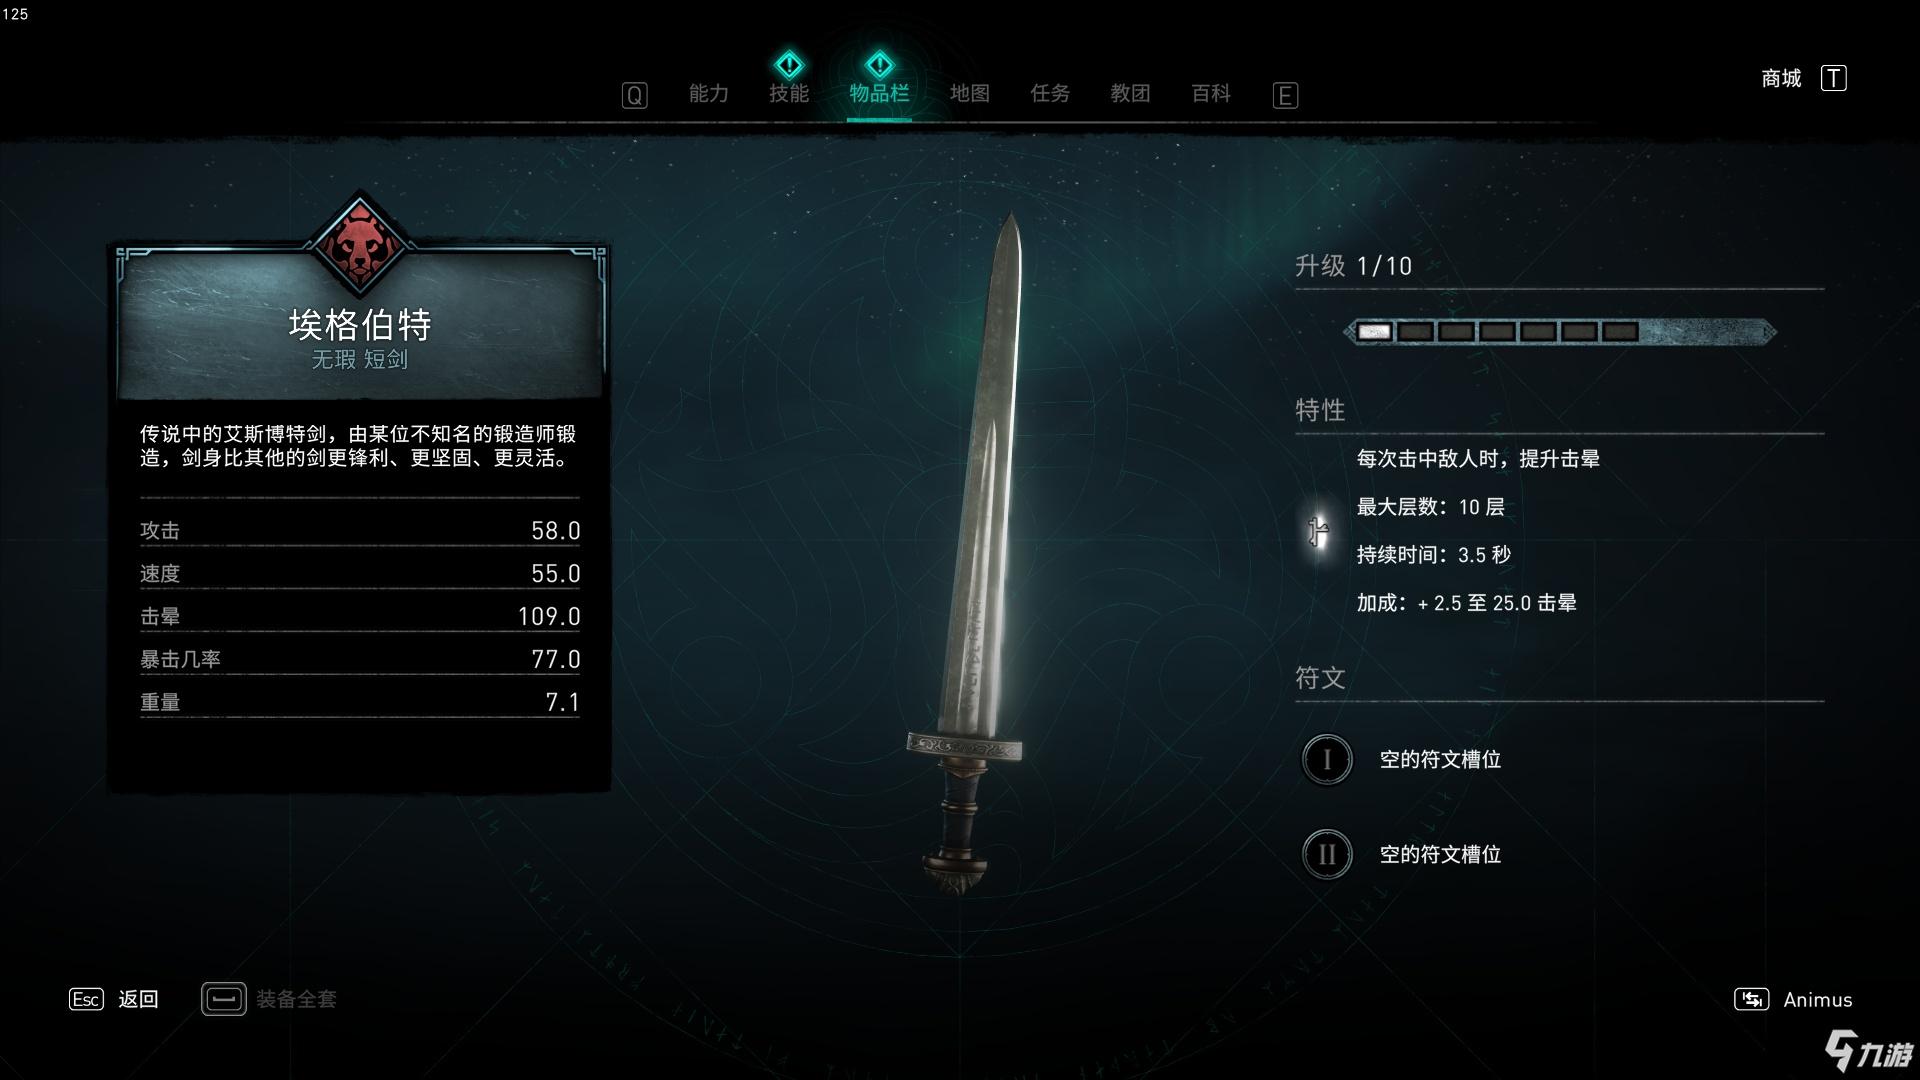 刺客信条英灵殿单手剑哪个最强 全单手剑属性一览